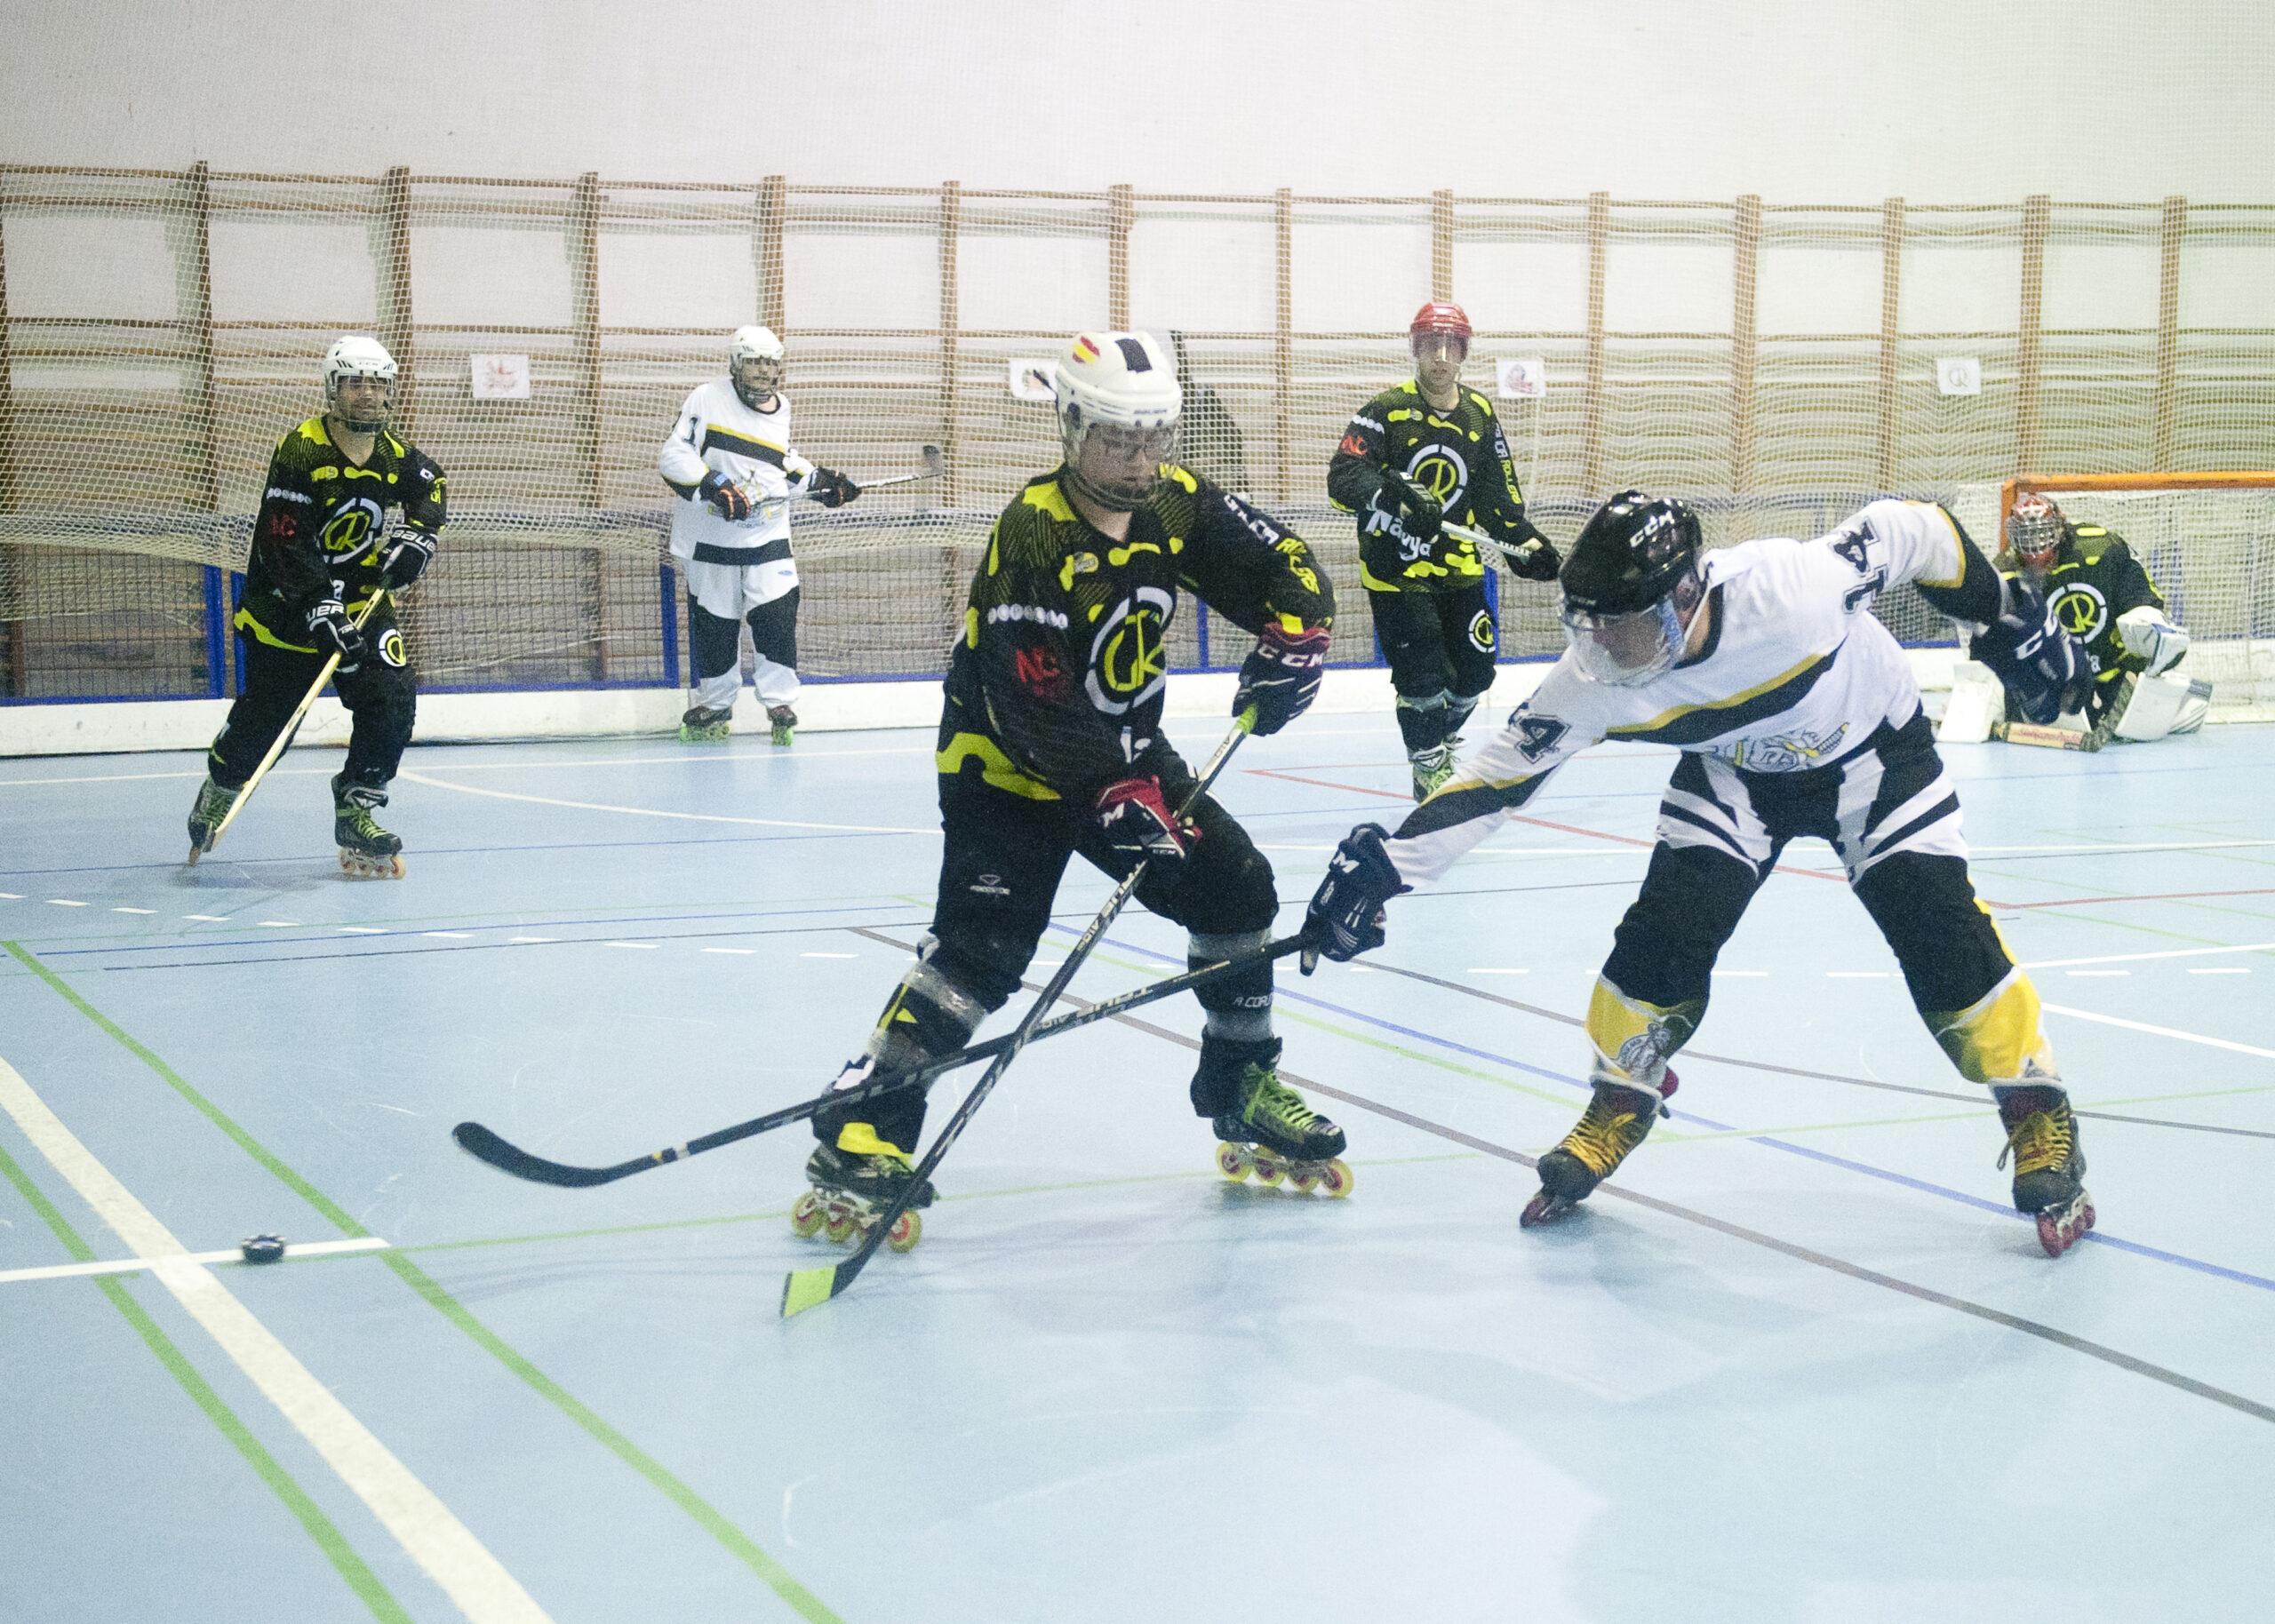 Fin de semana repleto de hockey línea en A Coruña